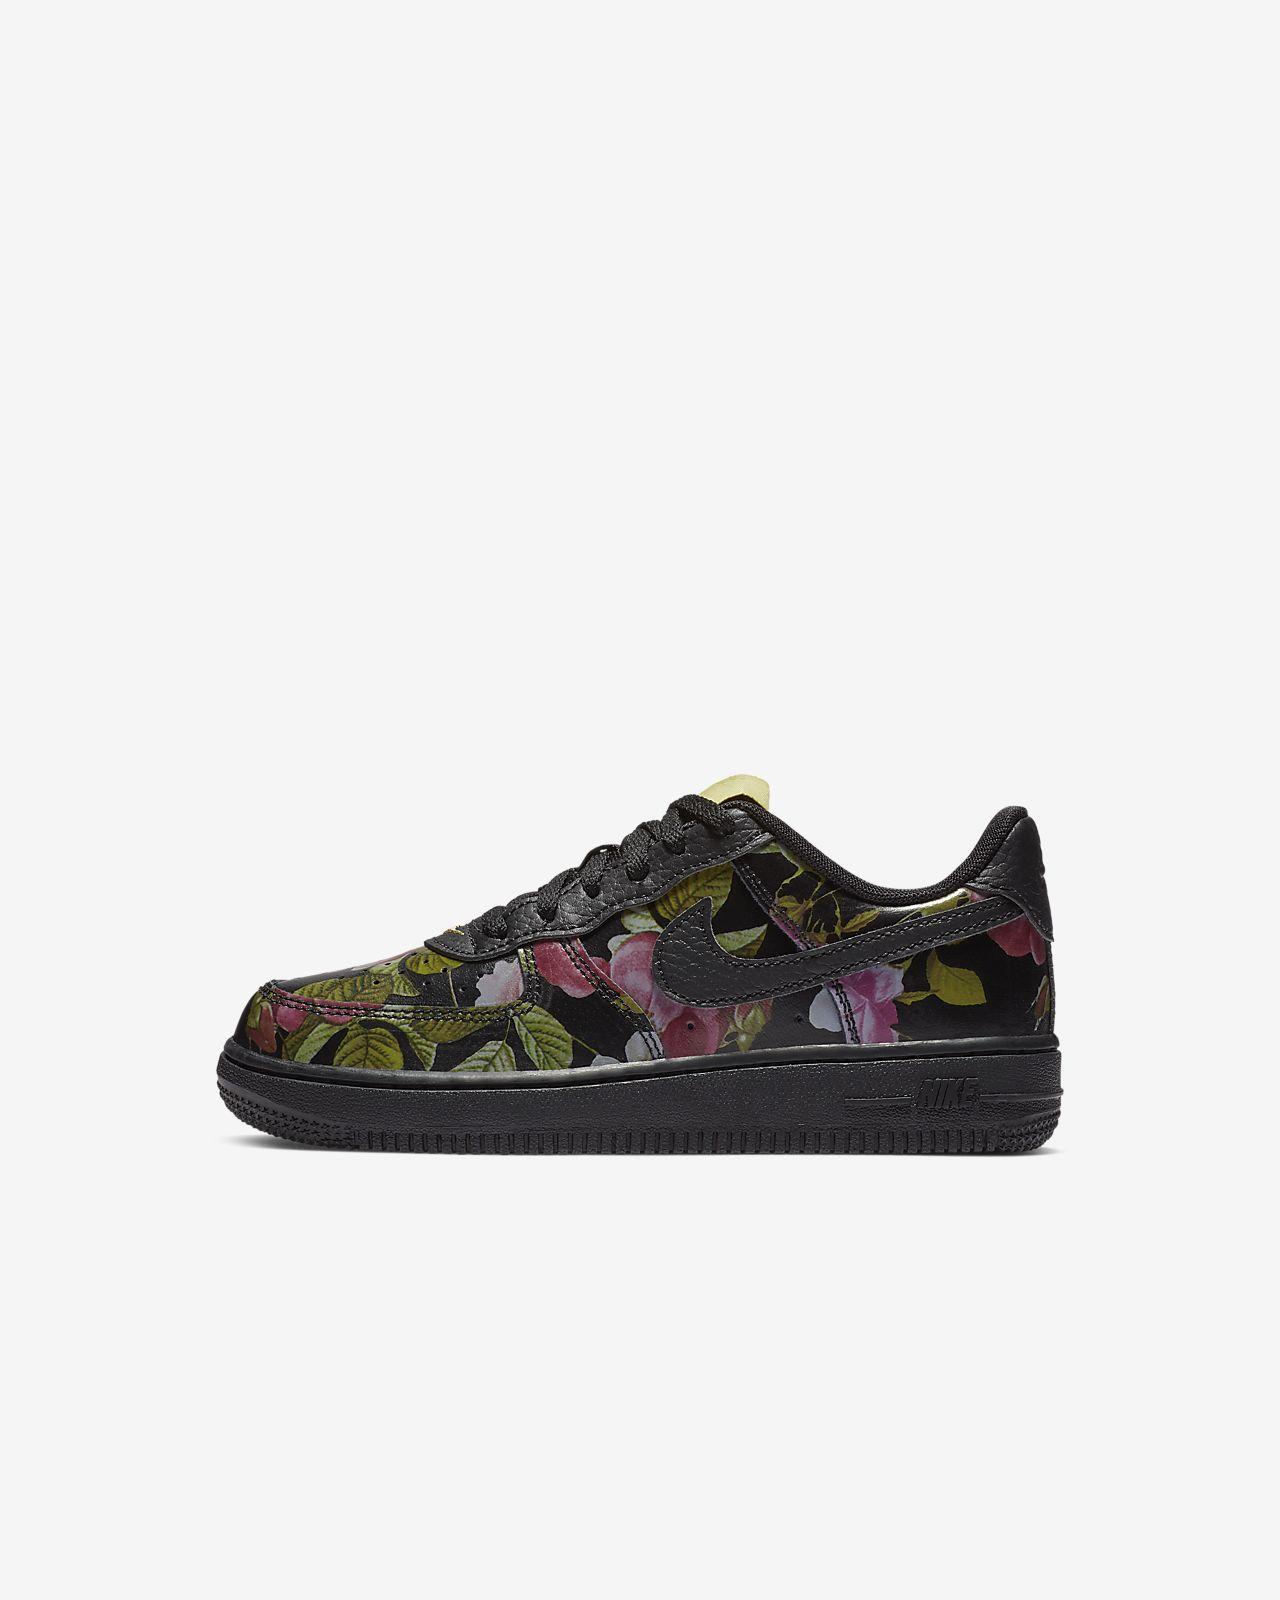 Calzado floral para niños talla pequeña Nike Force 1 LXX